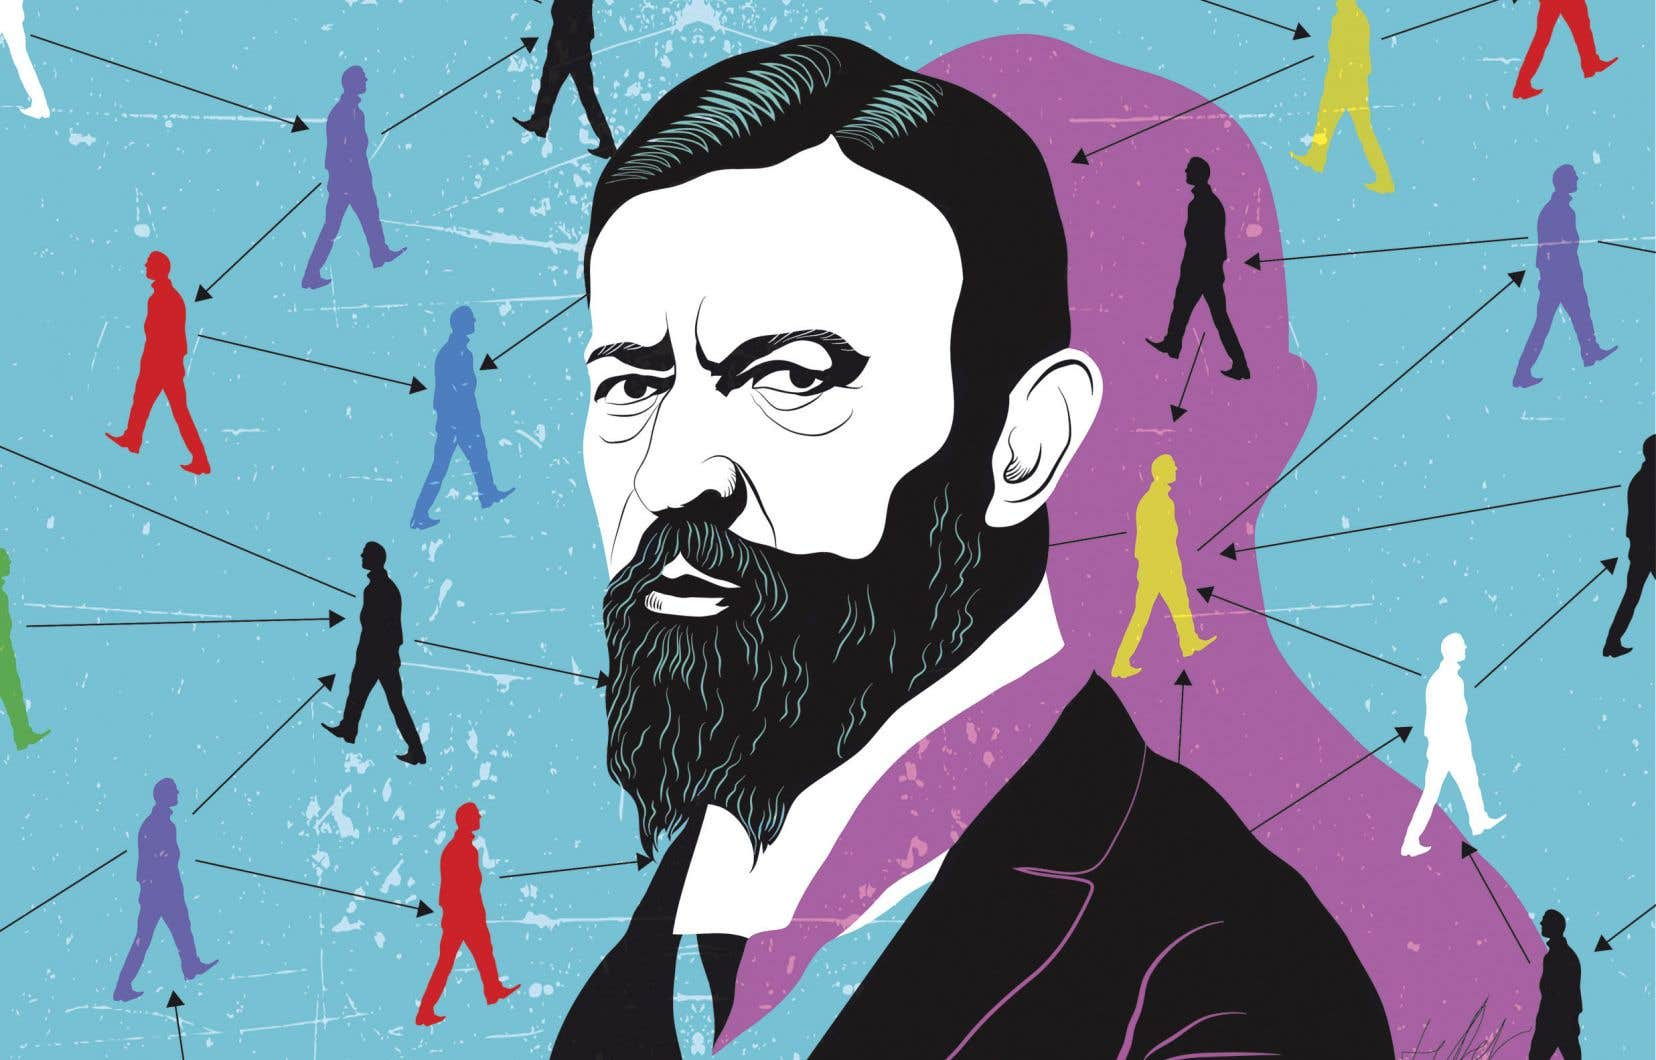 Un des outils d'analyse du sociologue Max Weber est sa catégorisation des motifs de l'action sociale. Selon le sociologue, il existe deux types de rationalité qui se concurrencent pour définir l'action politique: l'action rationnelle en finalité et l'action rationnelle en valeur.